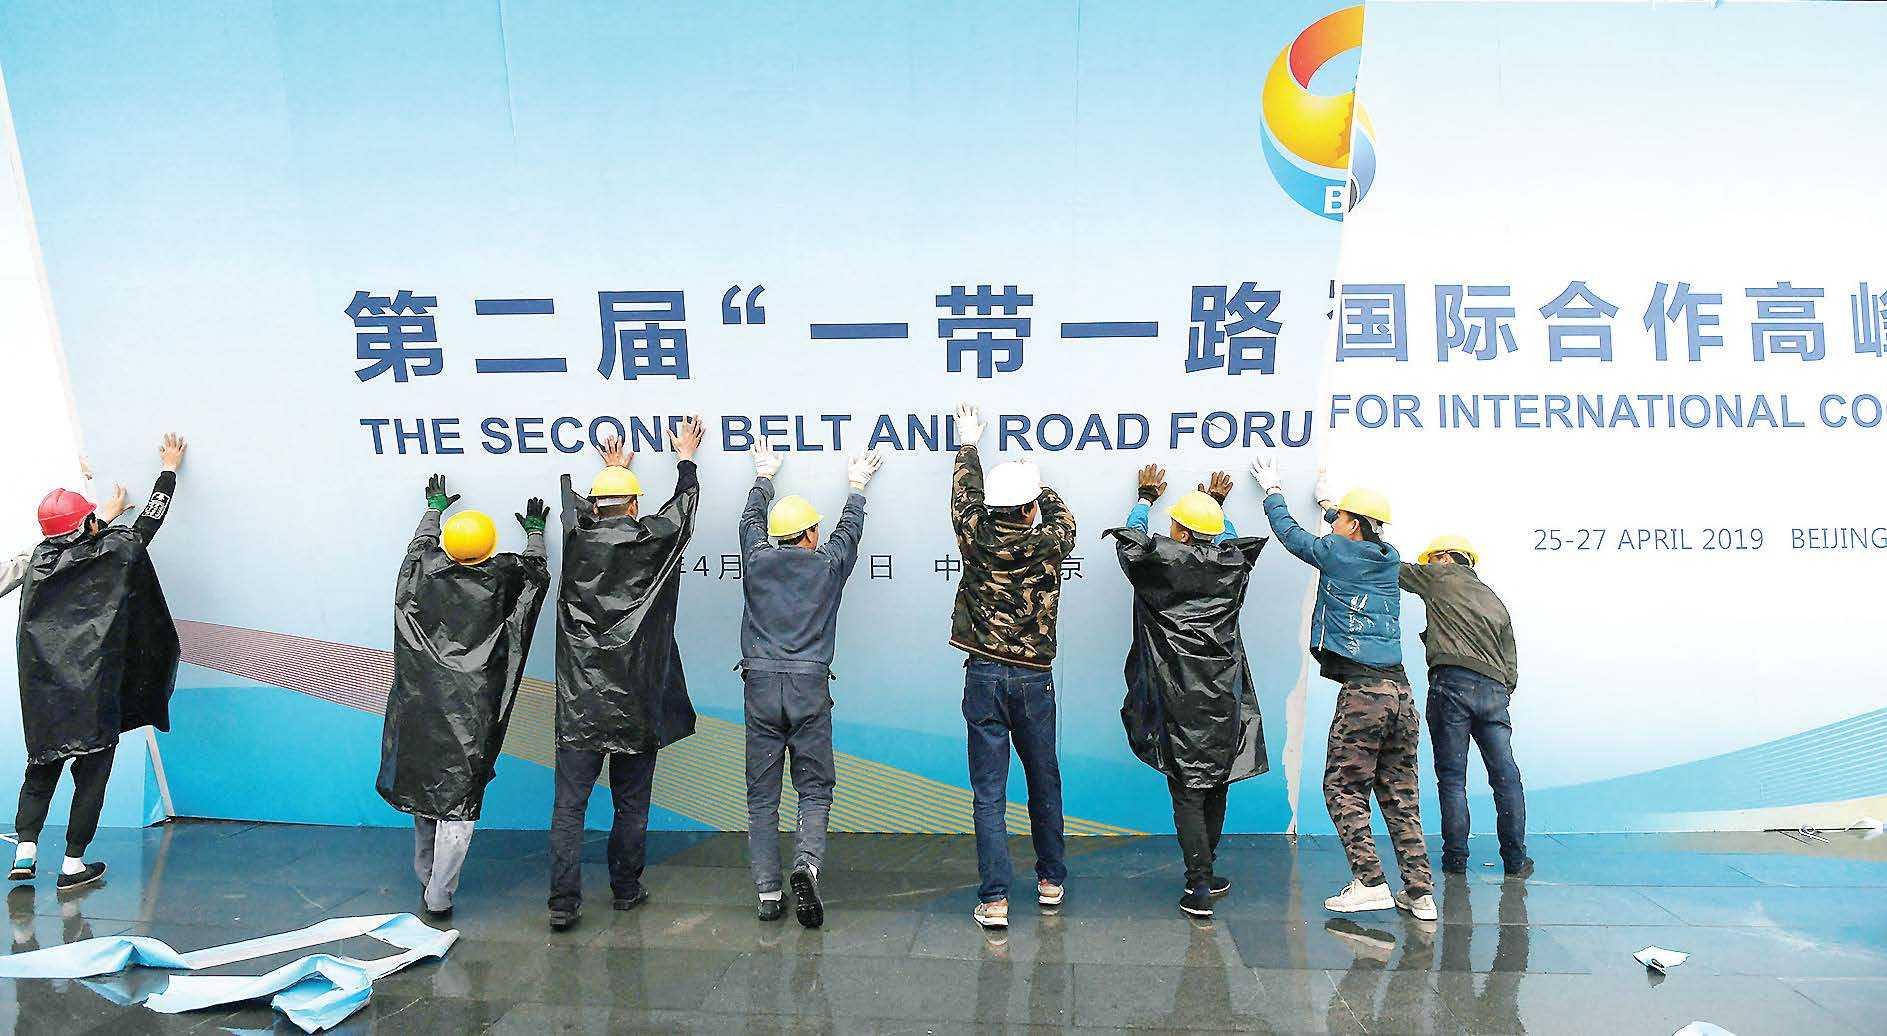 Barat Luncurkan Satu Sabuk dan Jalan Versi Mereka Lawan BRI Tiongkok